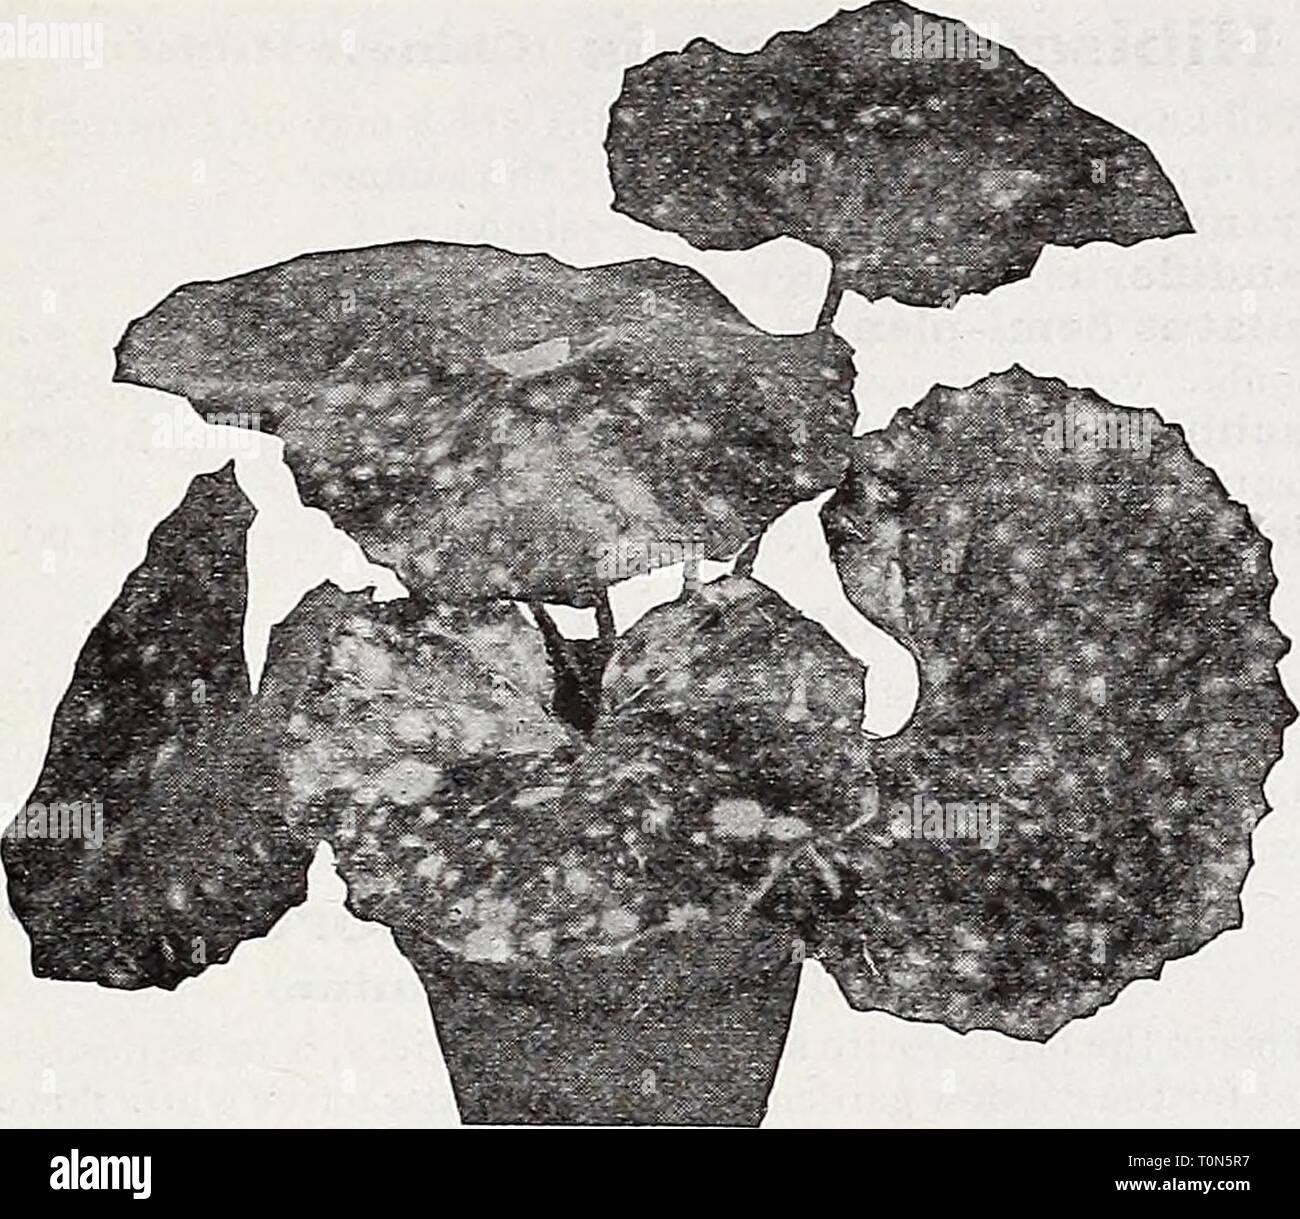 Dreer del catalogo autunno 1932 (1932) del Dreer catalogo autunno 1932 dreersautumncata1932henr Anno: 1932 GARDEN''-' serra di piante ^HMDELPSMI, 23 Farfugium Grande Dracaenas decorativo Fragrans. Un eccellente pianta di casa, con ampio fogliame verde scuro, cresce sotto i più ad- verse condizioni. 3 pollici per le piante in vaso, 35 cts. Ogni; 4 pollici pentole, 60 cts. Ogni; 5 pollici pentole, $1.00 ciascuna. Godseffiana. Diverso da tutti gli altri Drac- aenas; di free-branching assuefazione com- patto, grazioso esemplari. La sua chioma è di forte consistenza; ricca, colore verde scuro densamente contrassegnati con macchie di bianco crema. Foto Stock